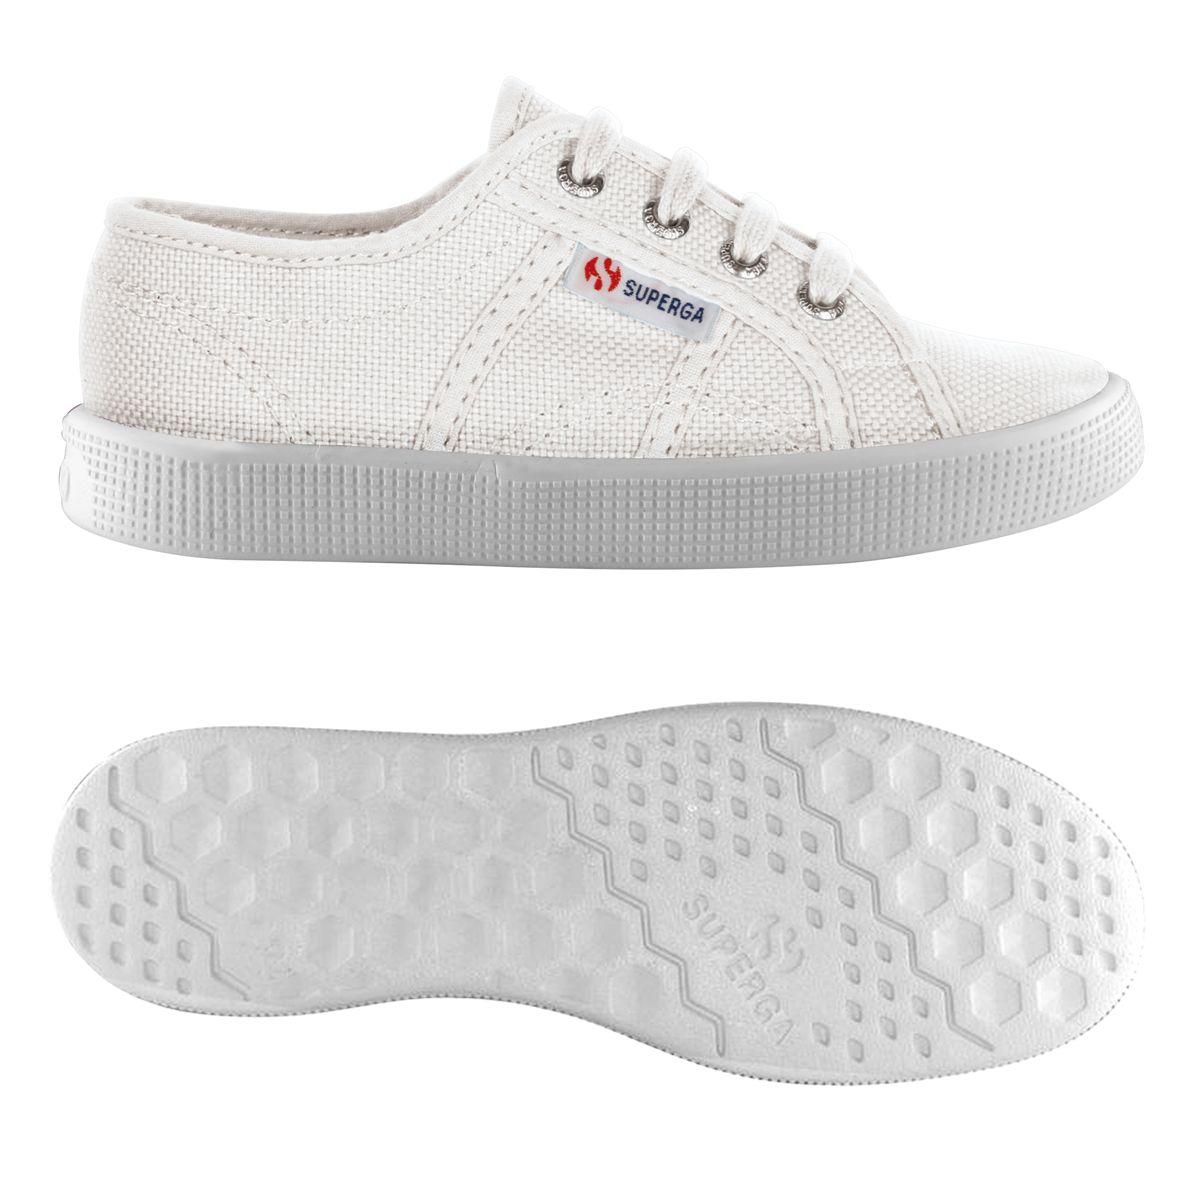 Zapatillas Superga unisex niños. Dos colores